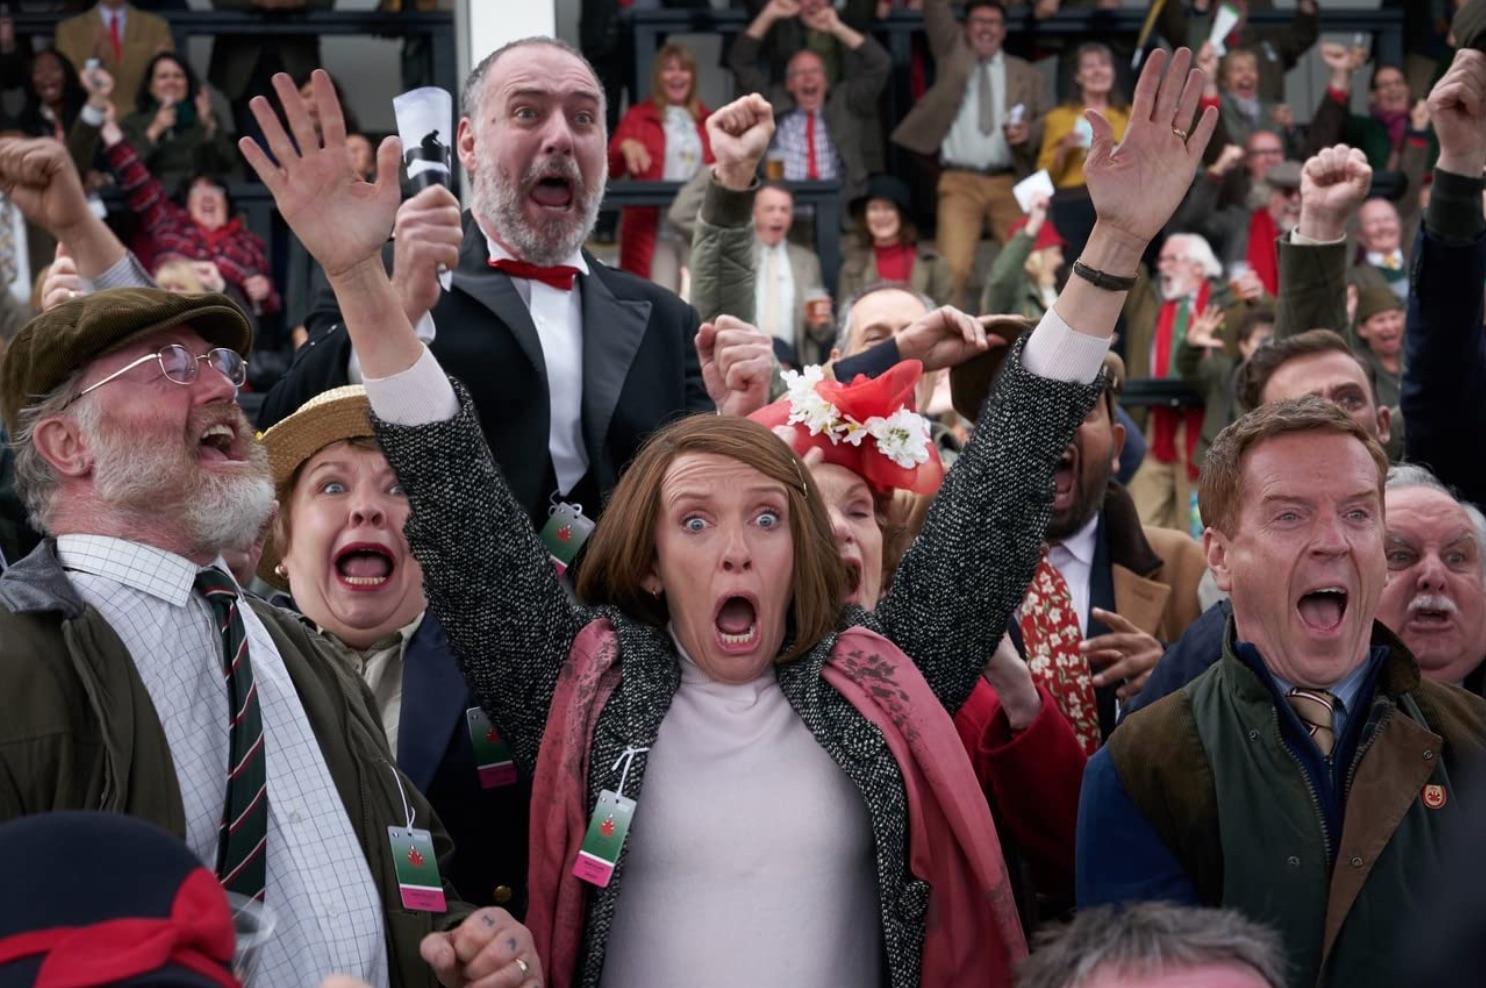 Toni Collette in Dream Horse (2020)